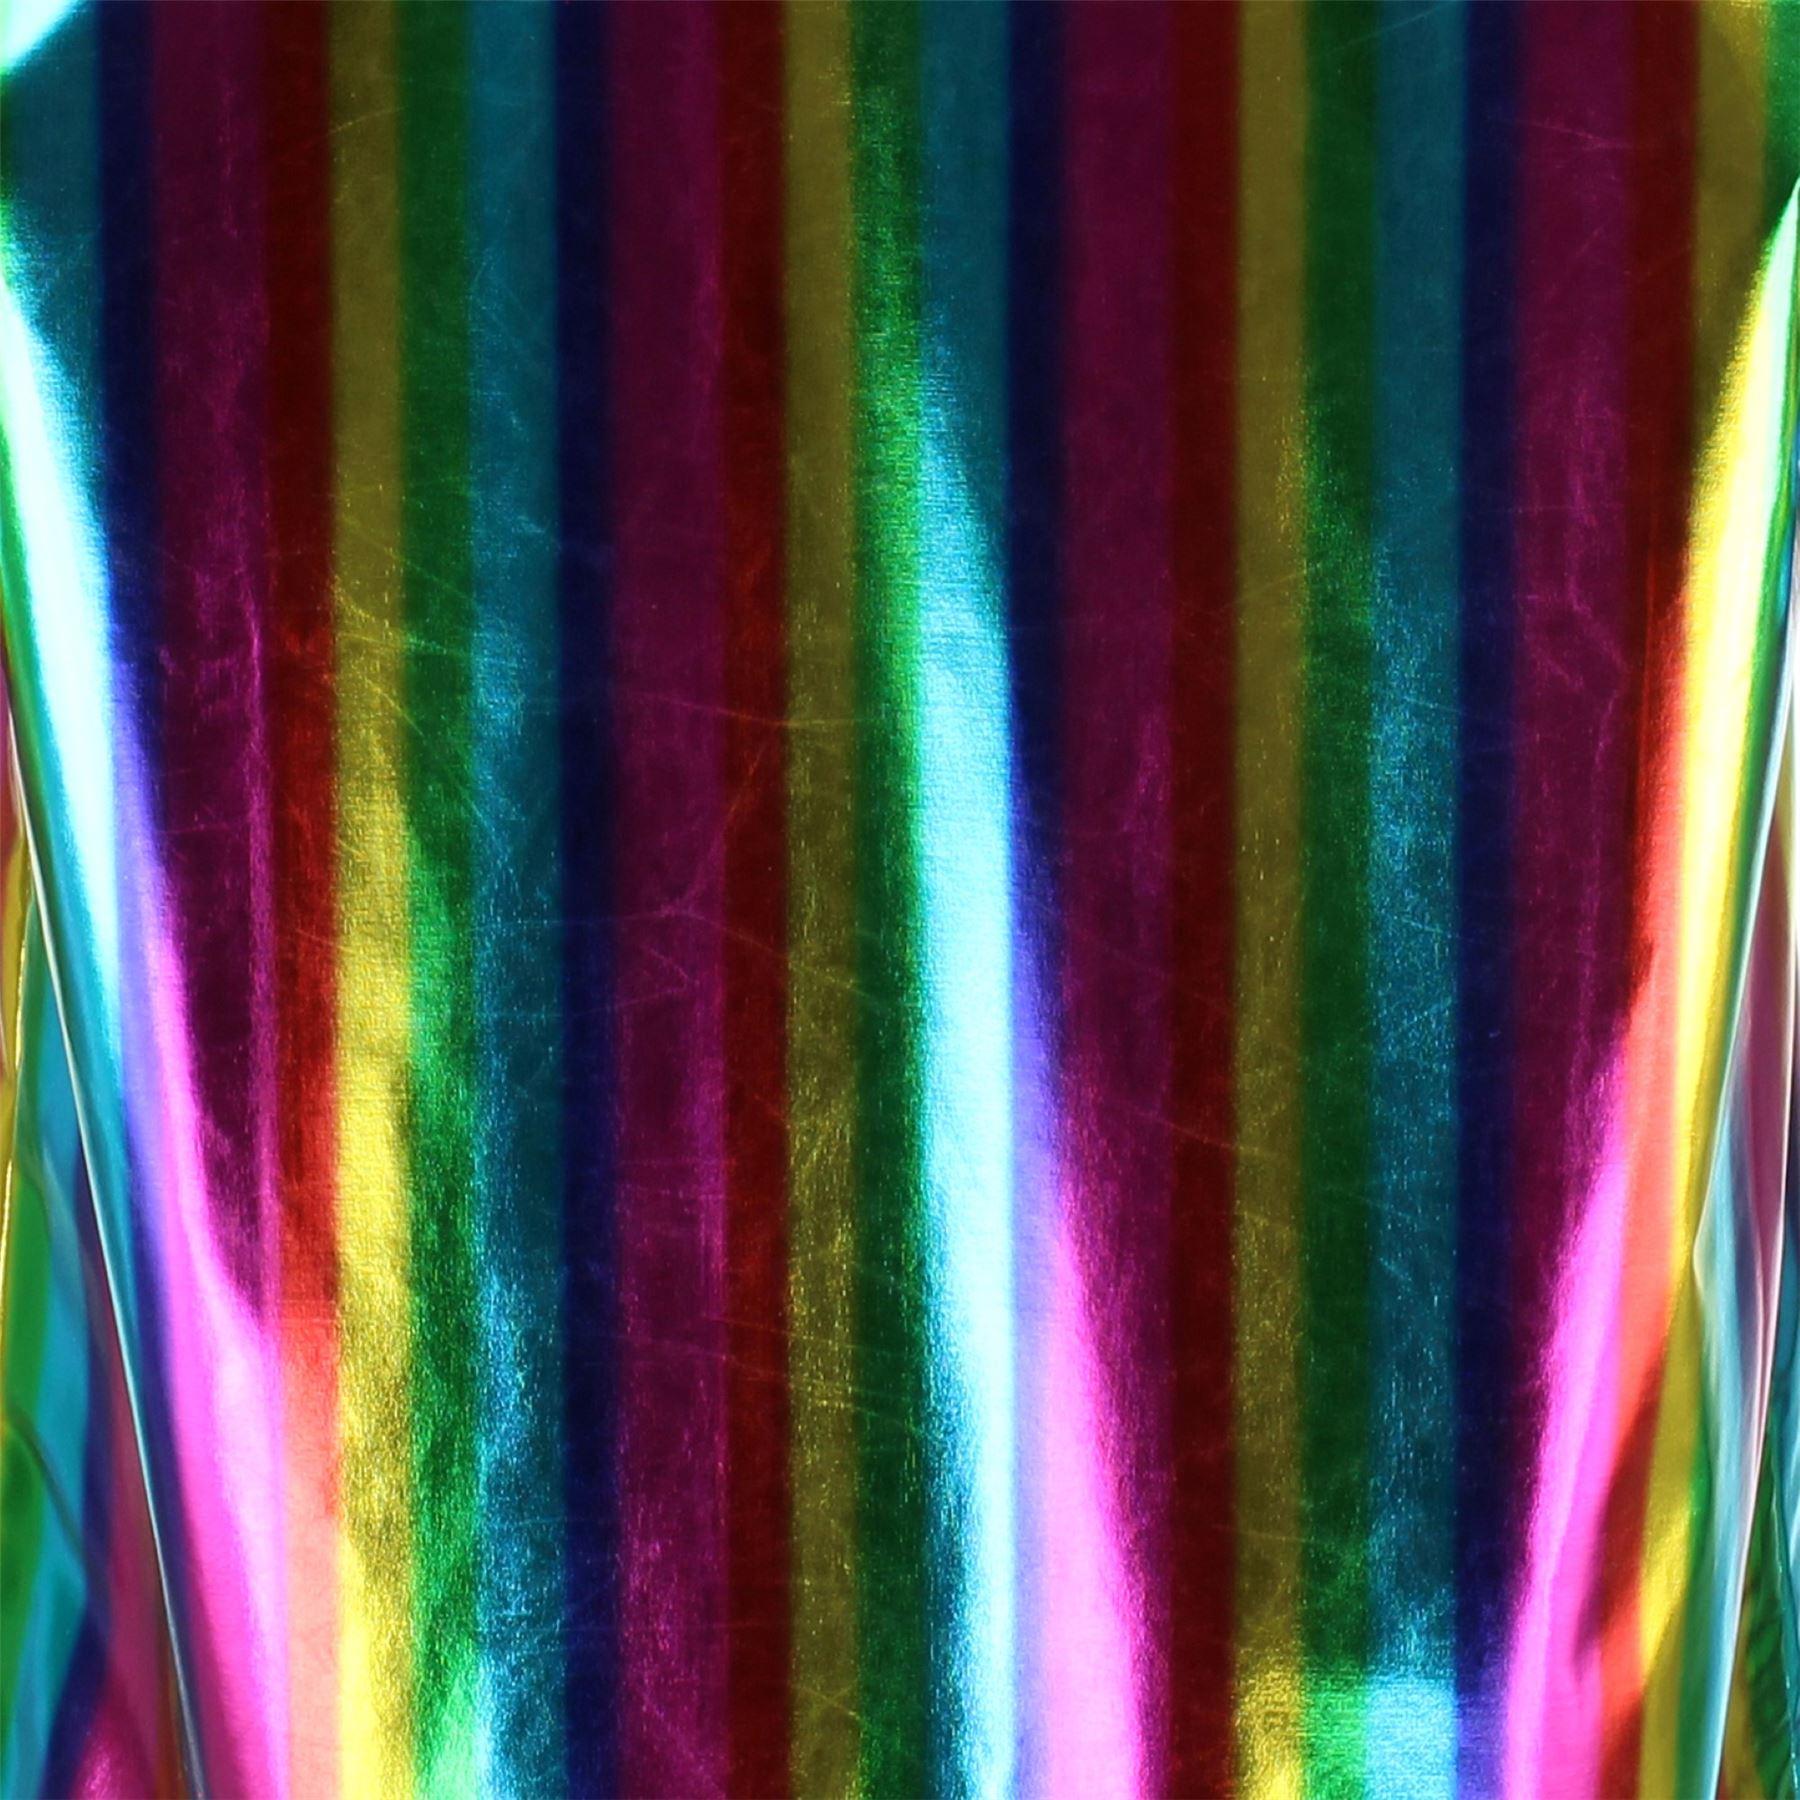 Shiny-Metallic-Blazer-Firefly-Waistcoat-Party-Dressing-up thumbnail 7